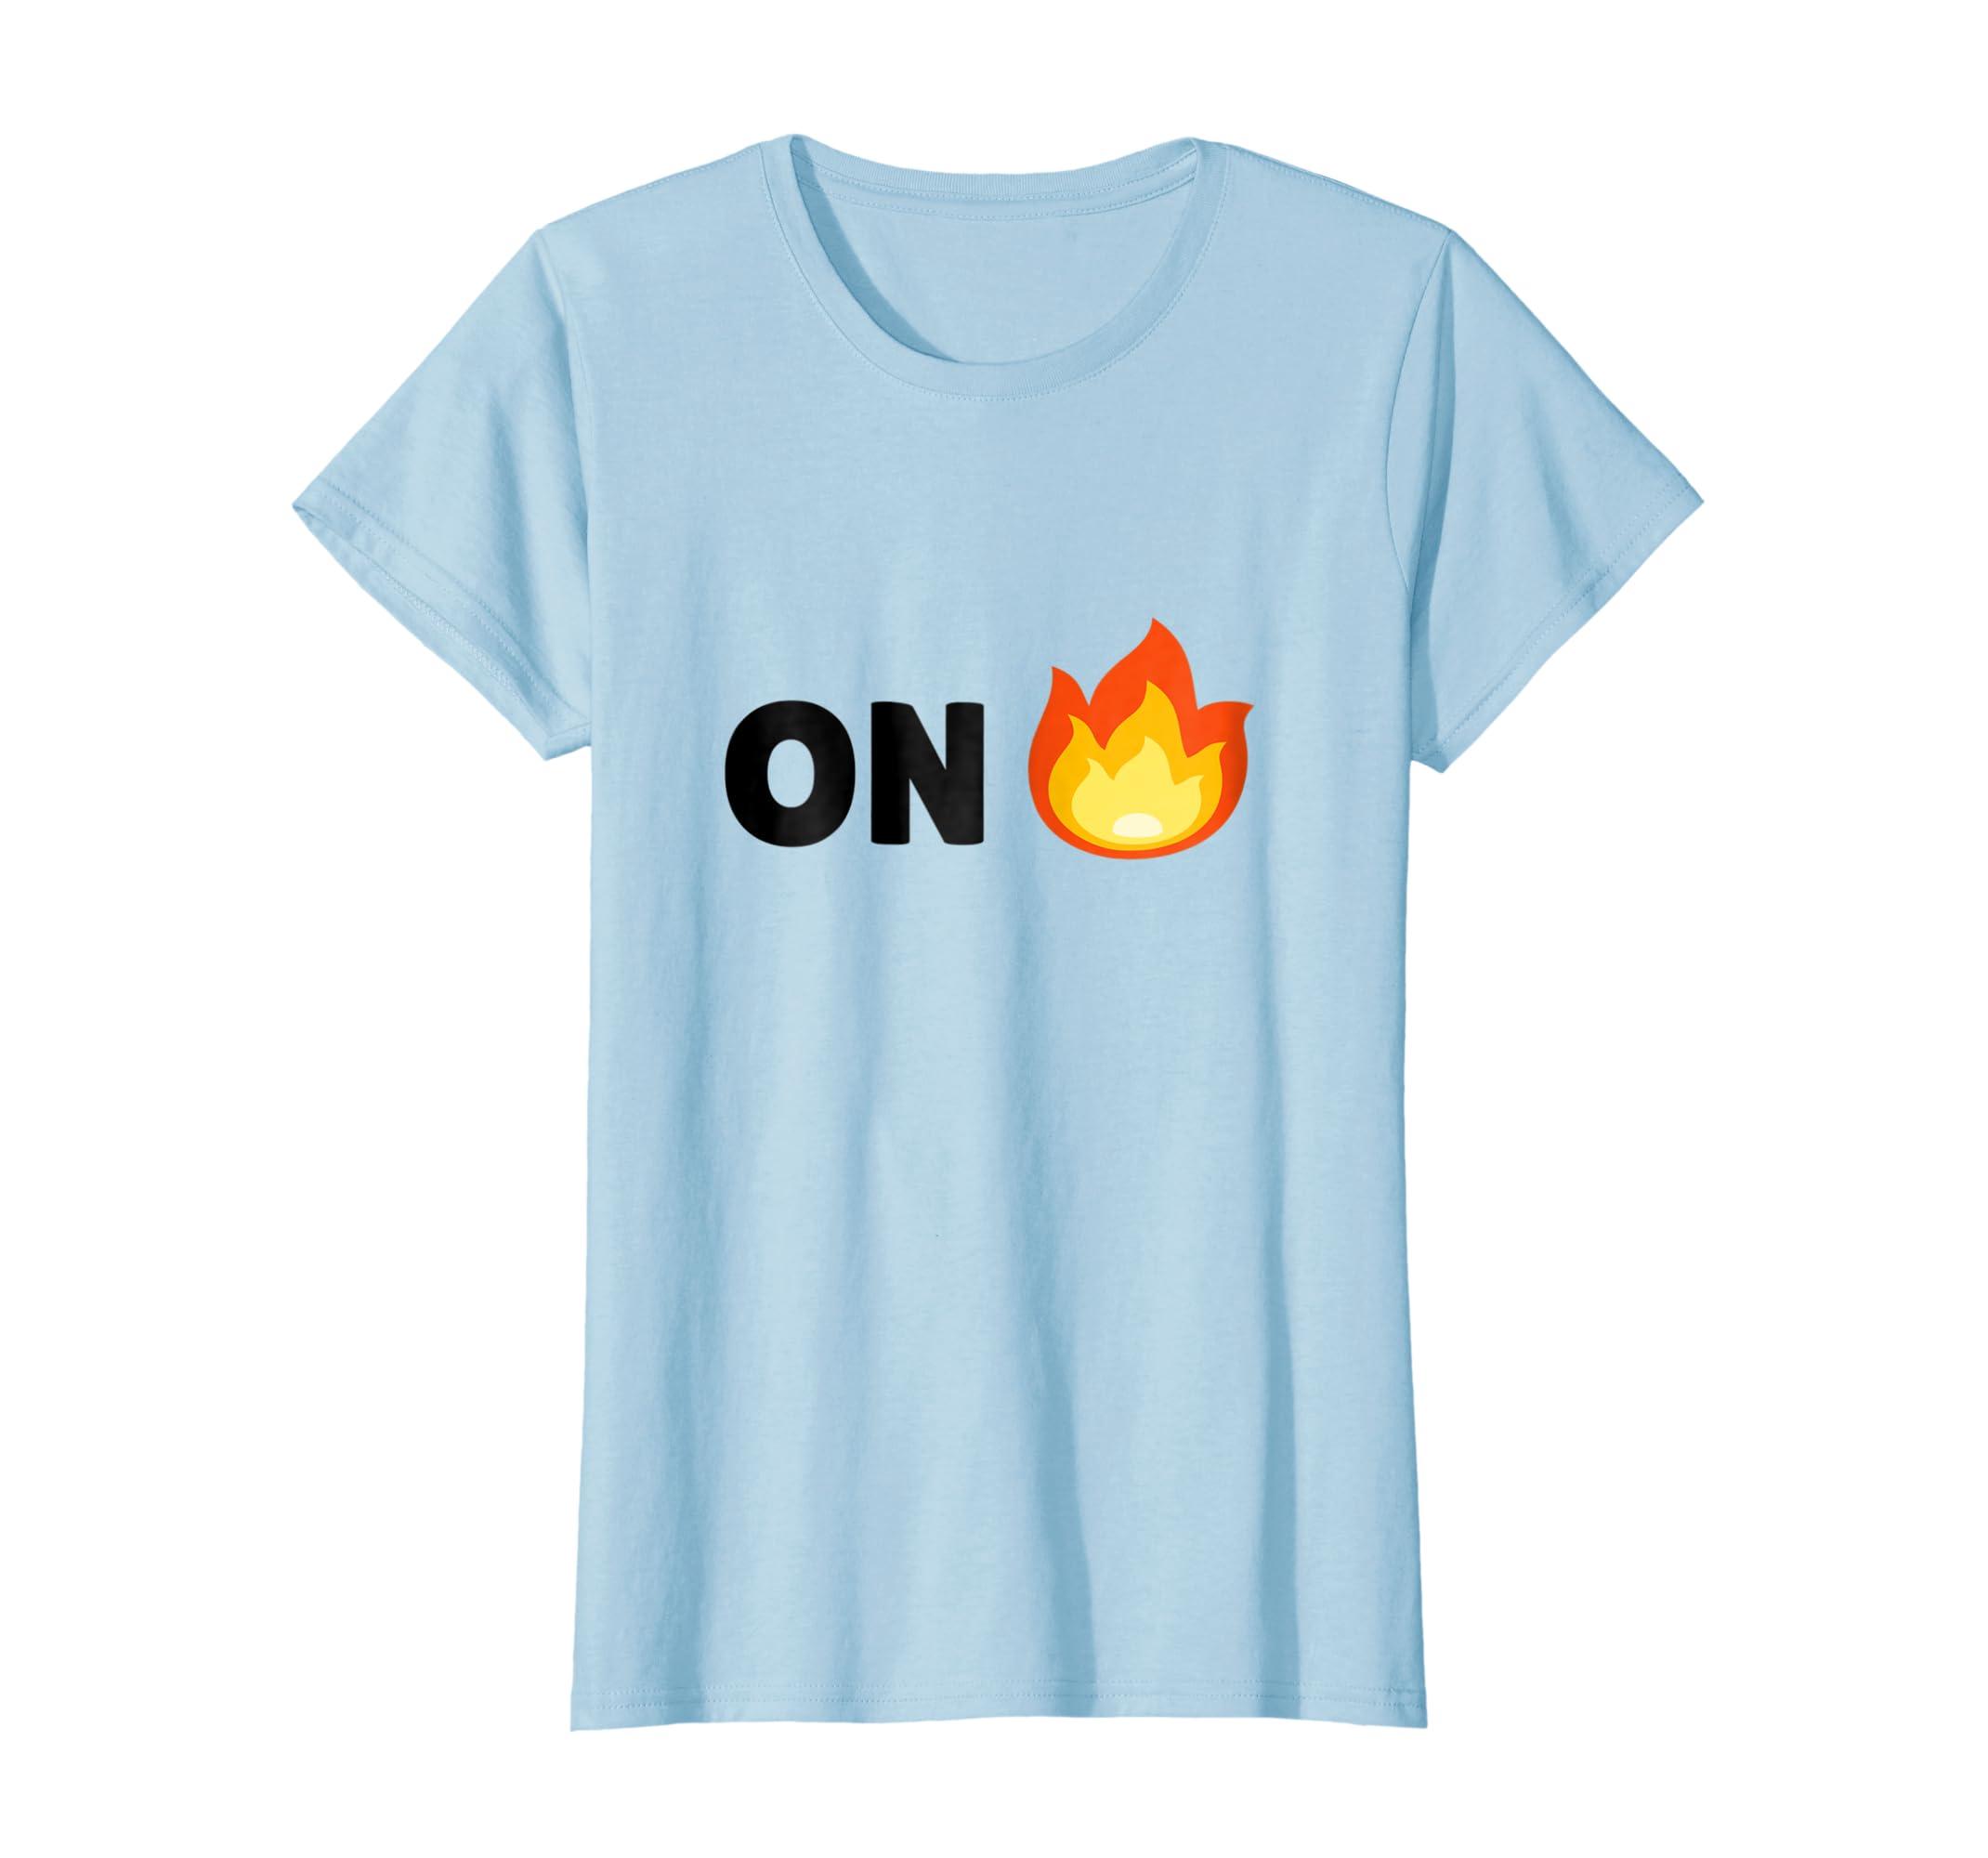 Amazon com: ON FIRE Emoji Shirt - Burning Emoji Tee Shirt